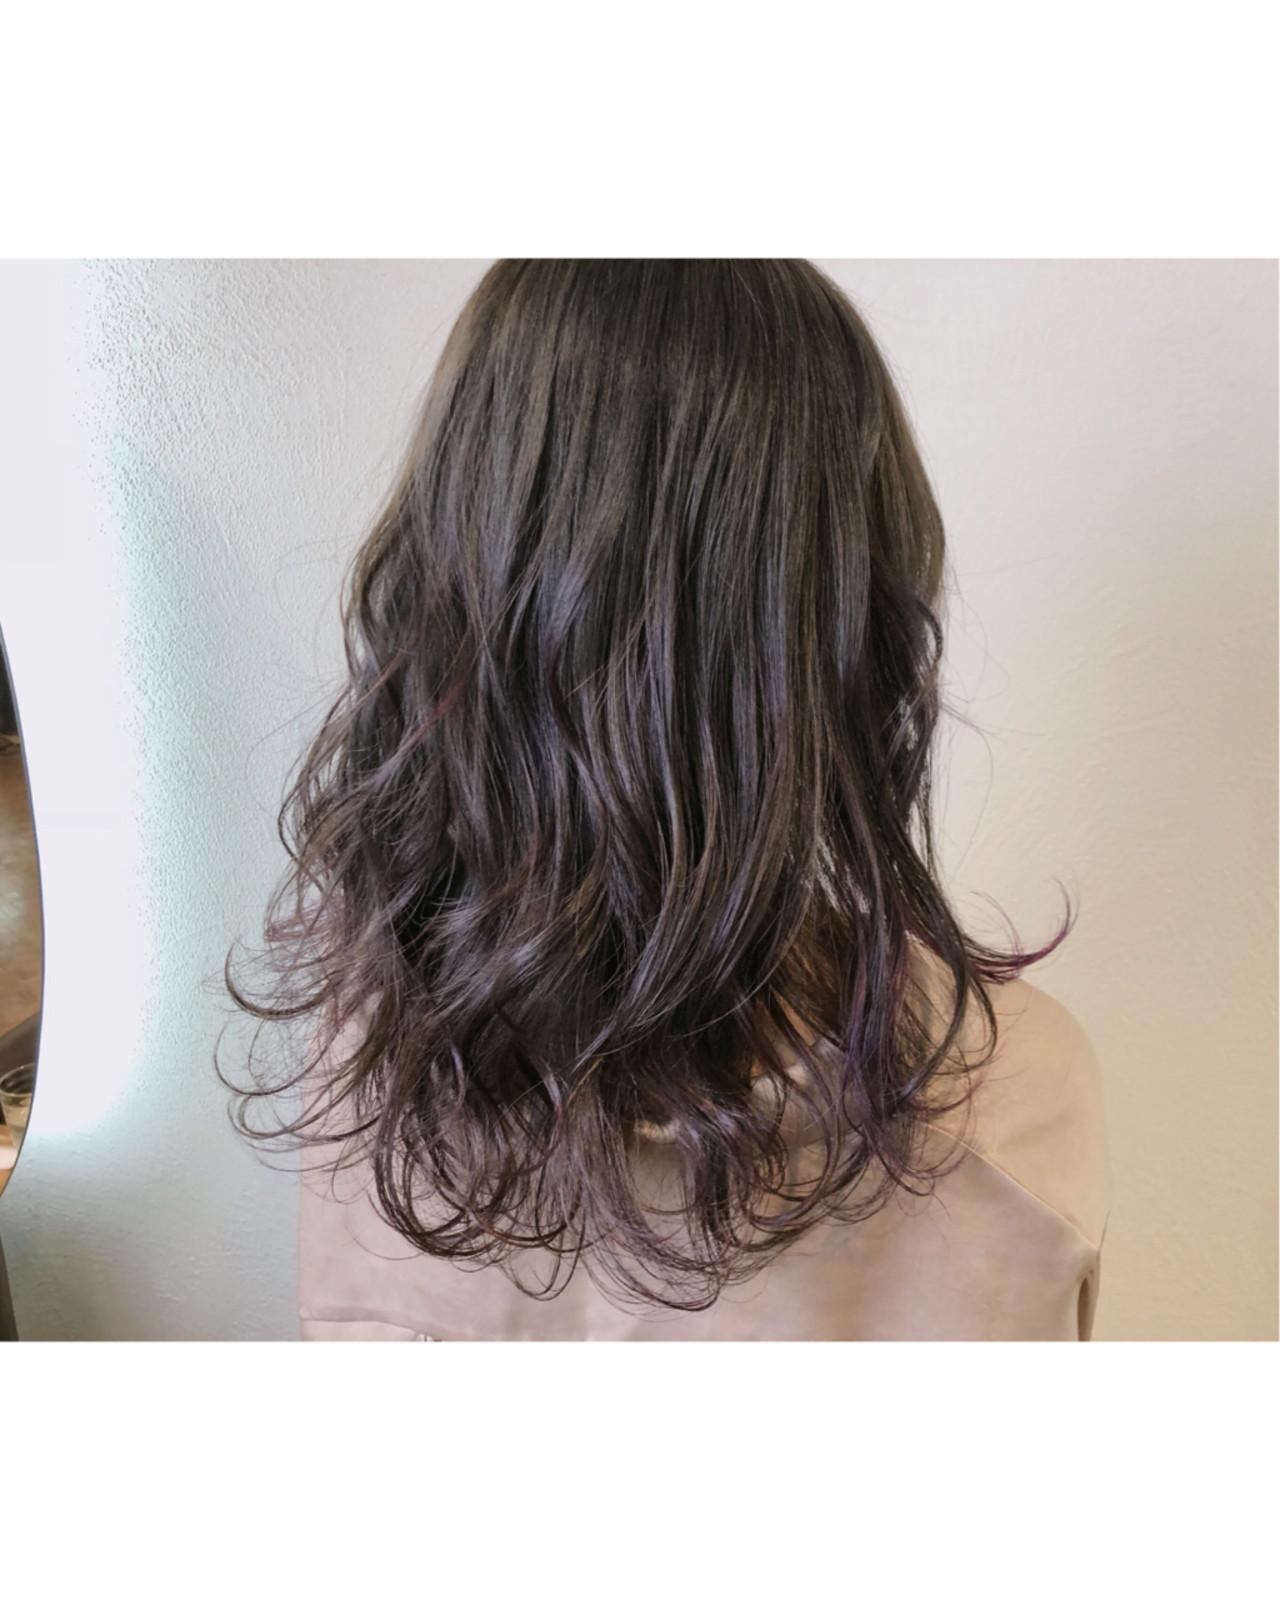 アッシュ ラベンダーアッシュ アッシュグレージュ セミロング ヘアスタイルや髪型の写真・画像